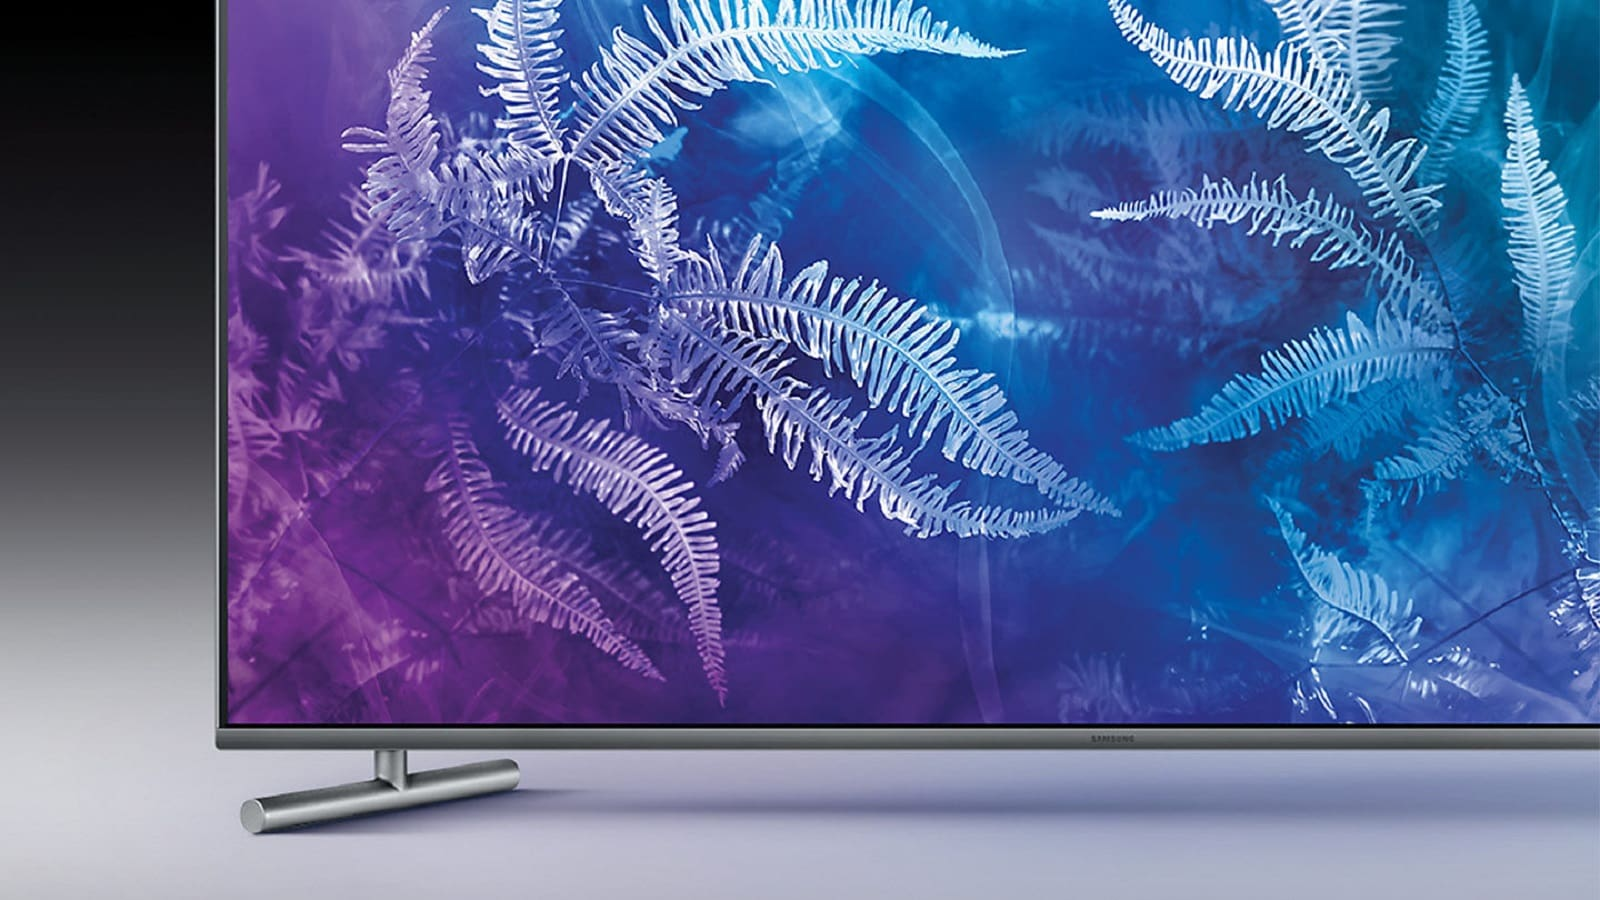 Телевизор не включается почему мигает индикатор щелкает или моргает при включении светодиод Что делать